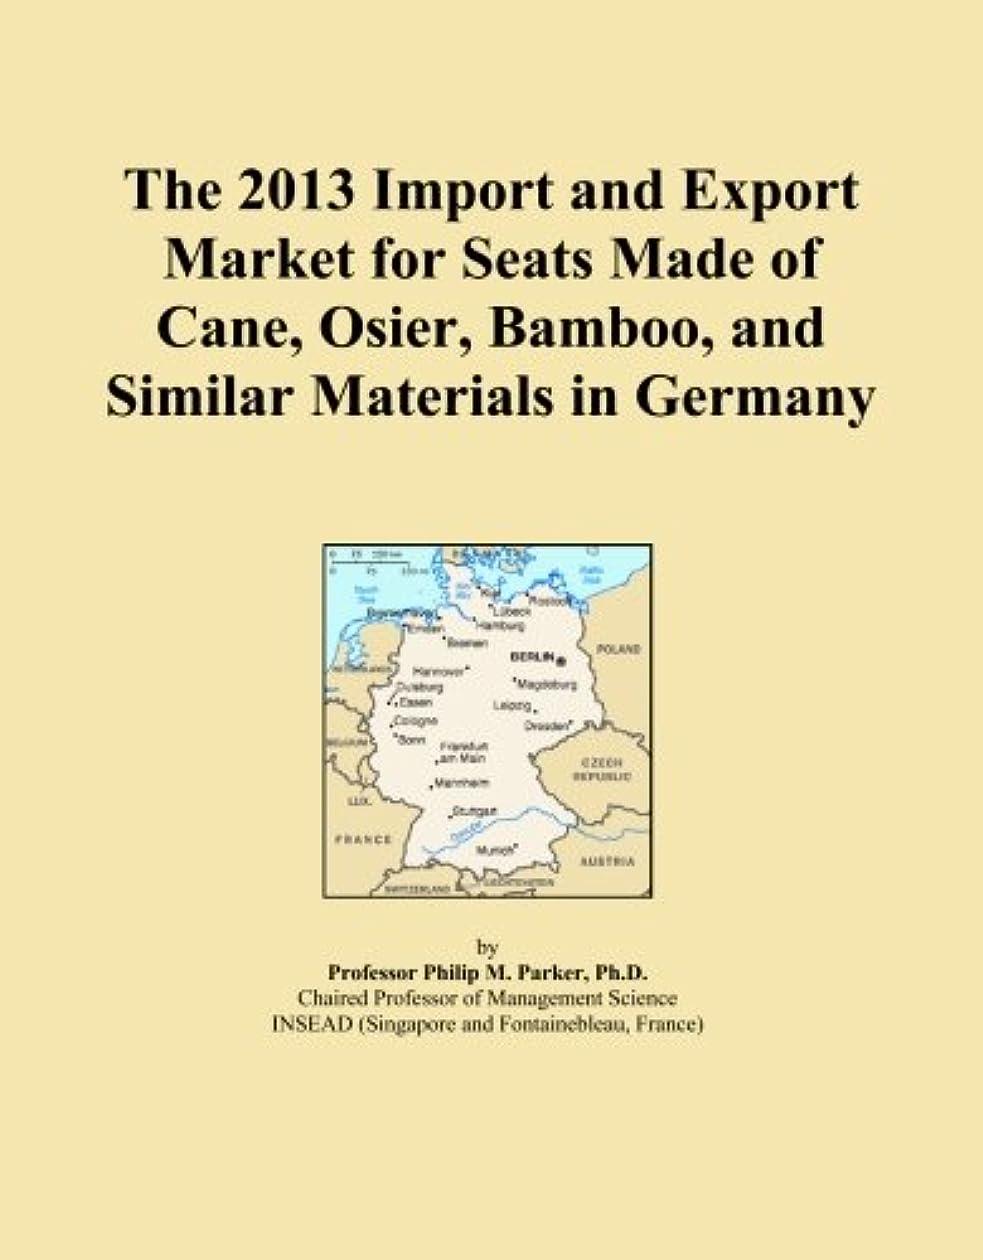 西拳ミシンThe 2013 Import and Export Market for Seats Made of Cane, Osier, Bamboo, and Similar Materials in Germany